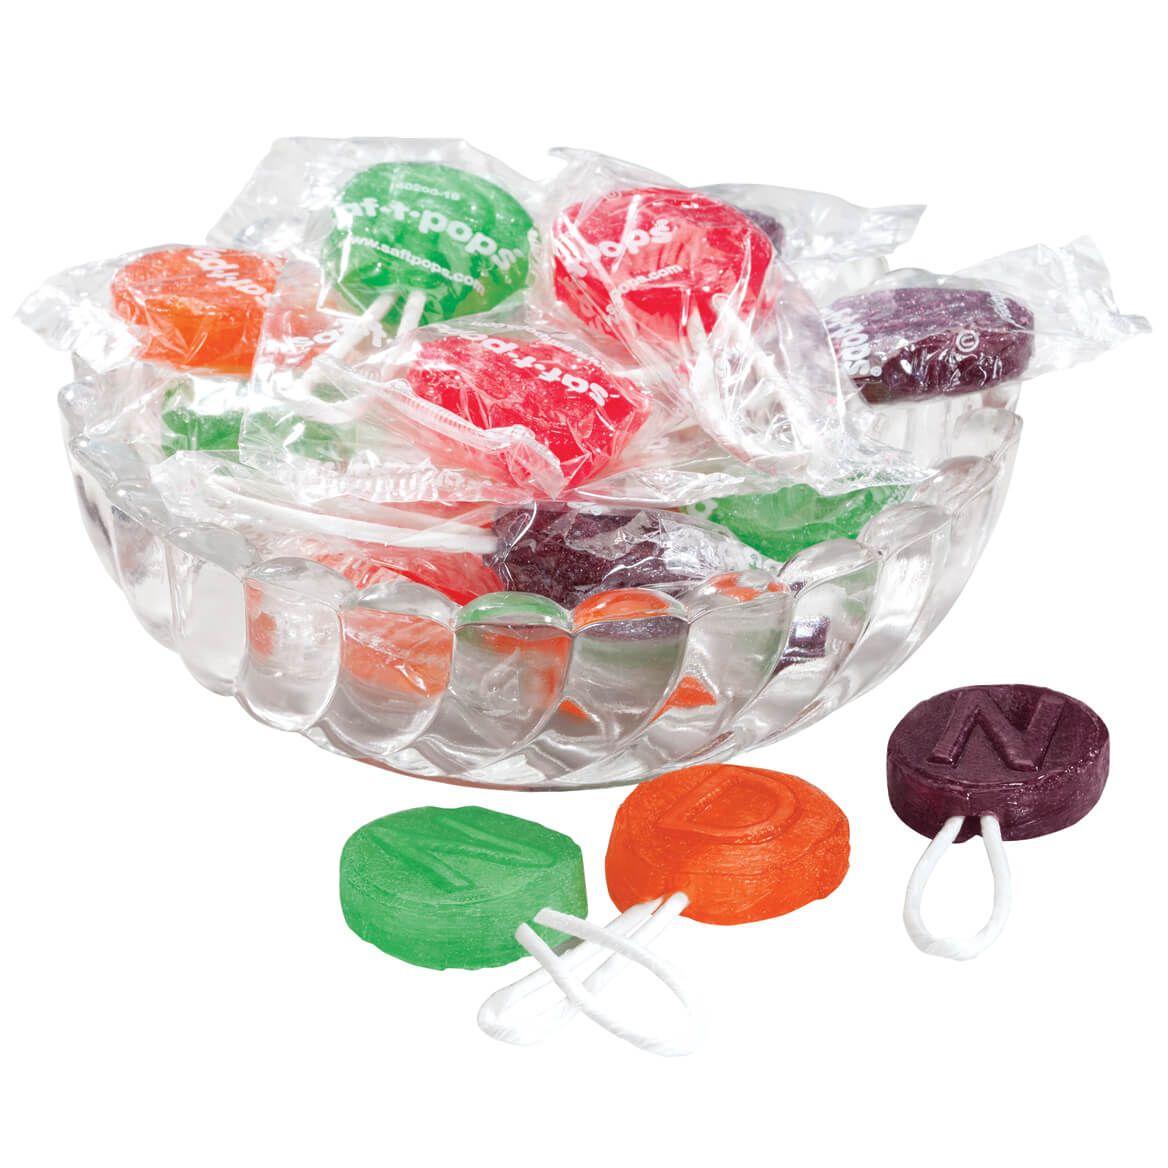 Saf-T-Pops, 9 oz.-357411